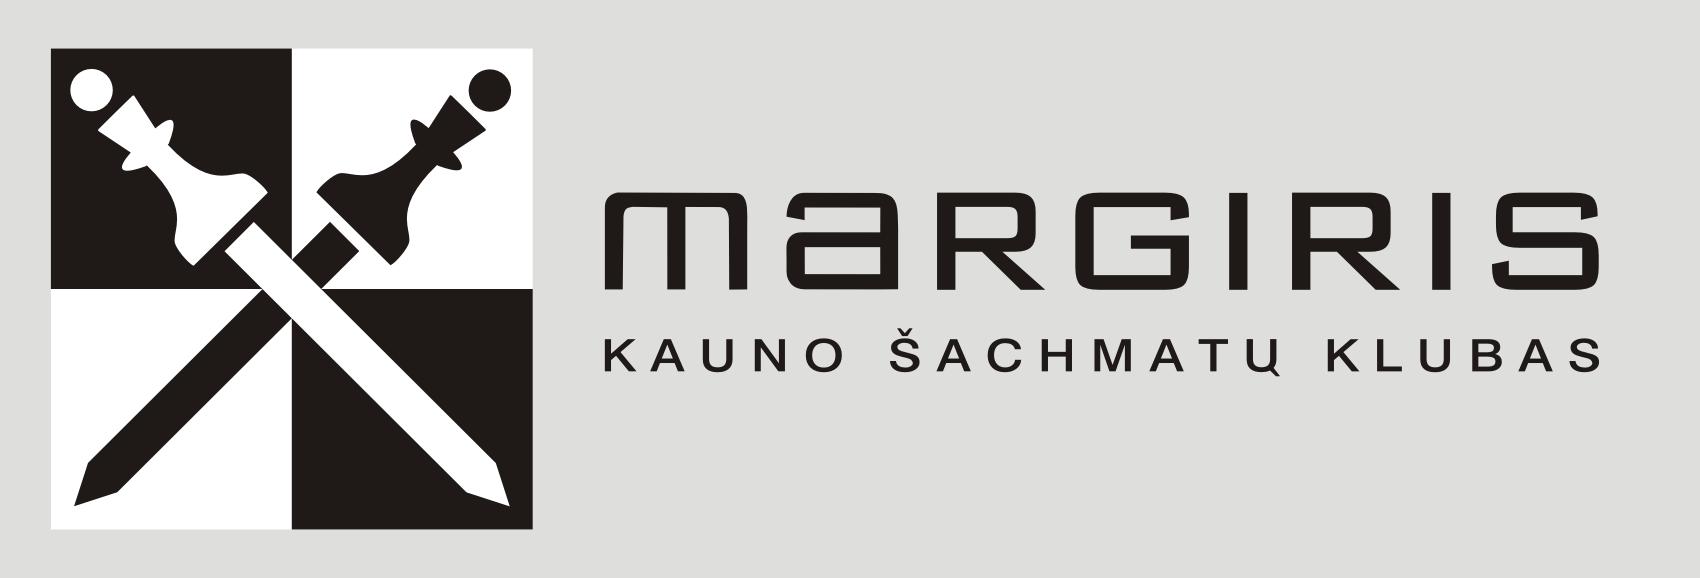 Margiris logo